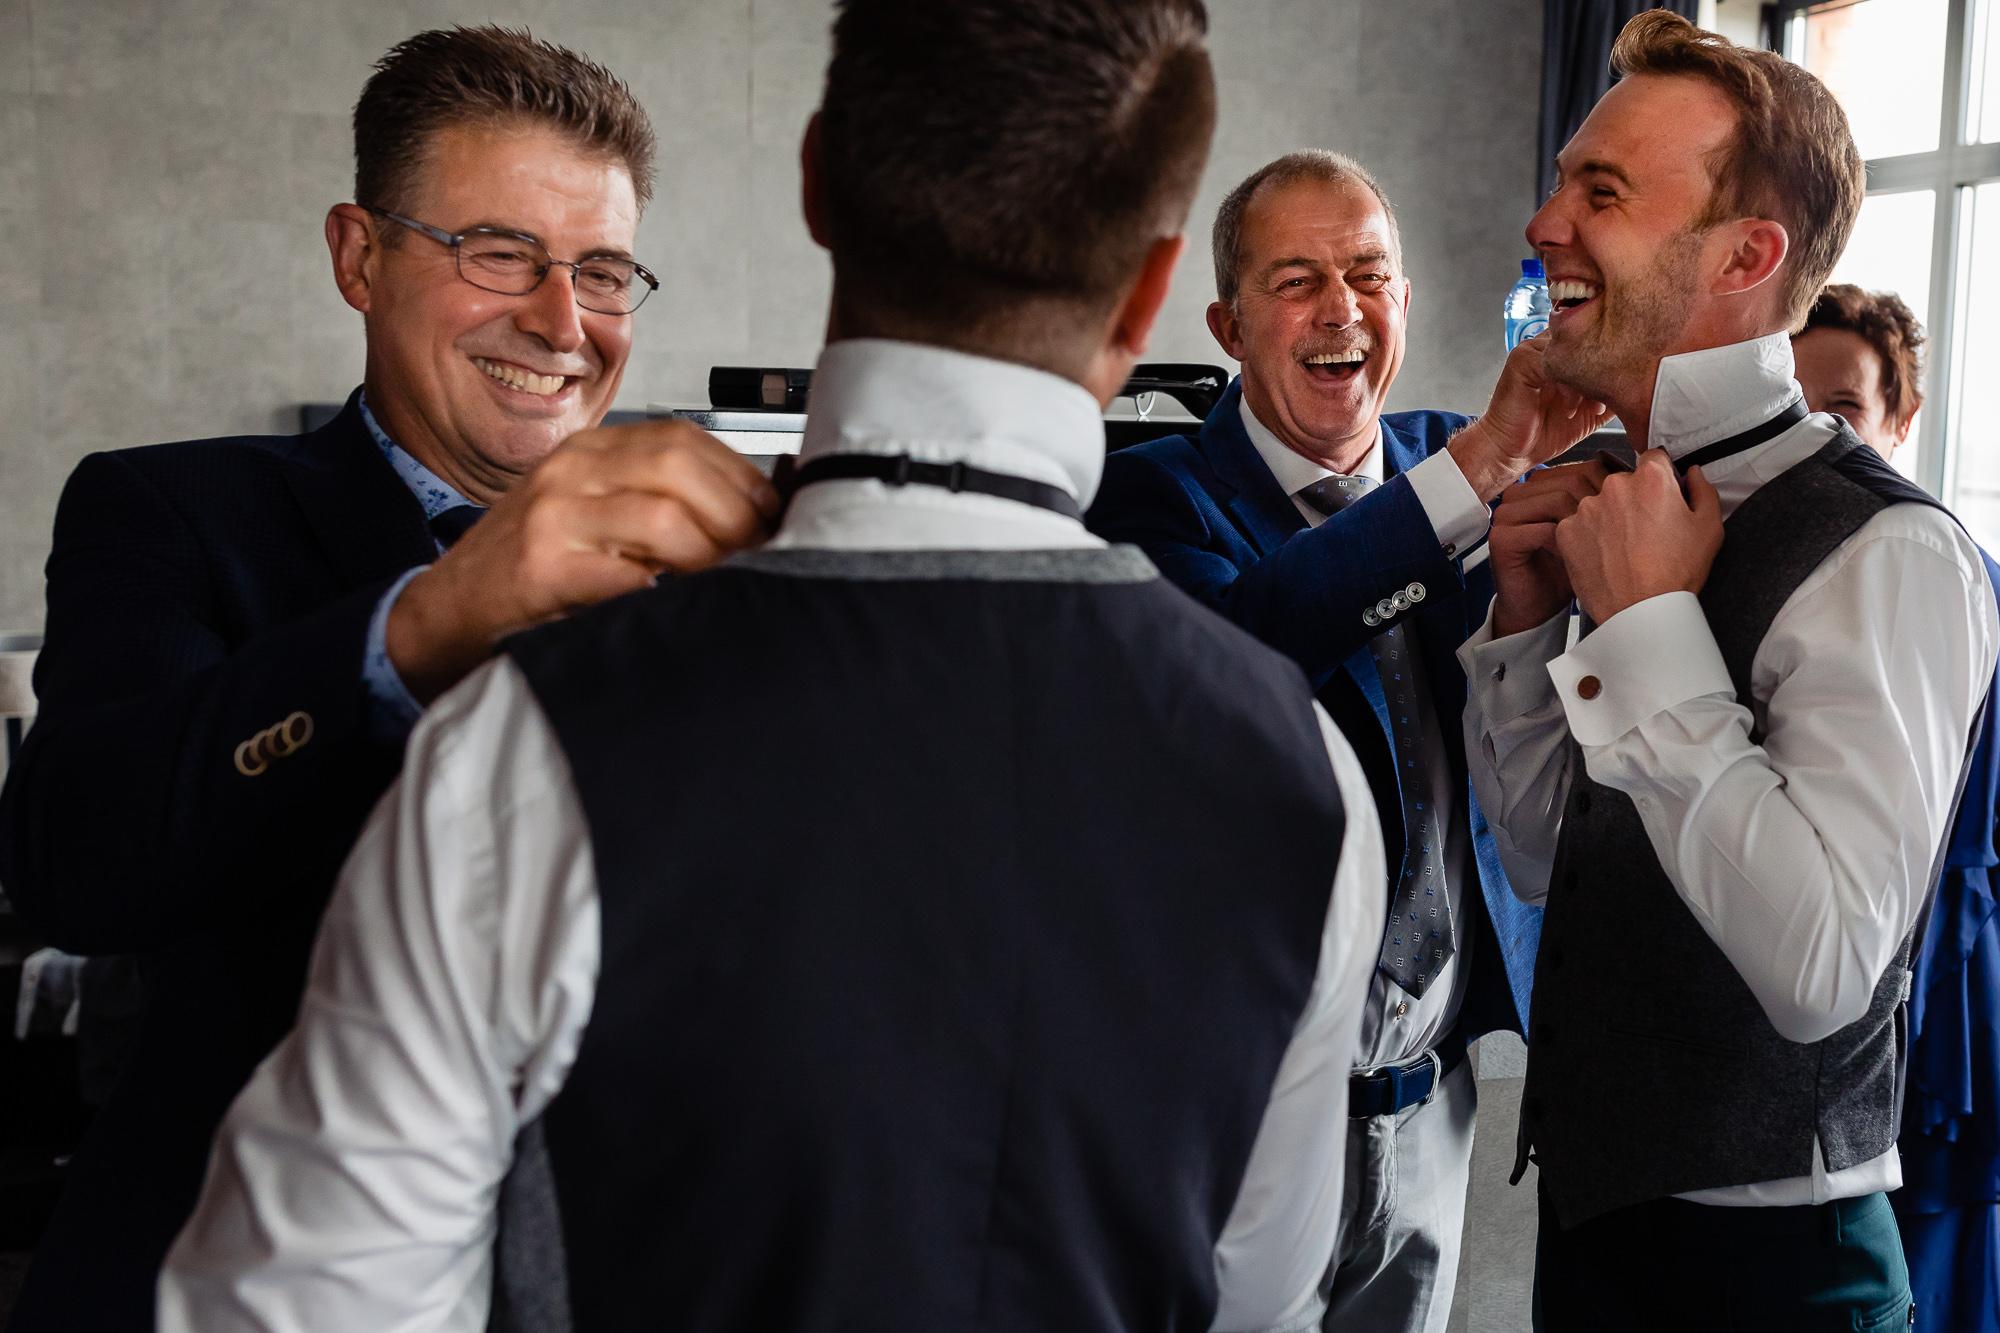 Vaders van de bruidegoms helpen beiden mee met het aankleden van hun zoons